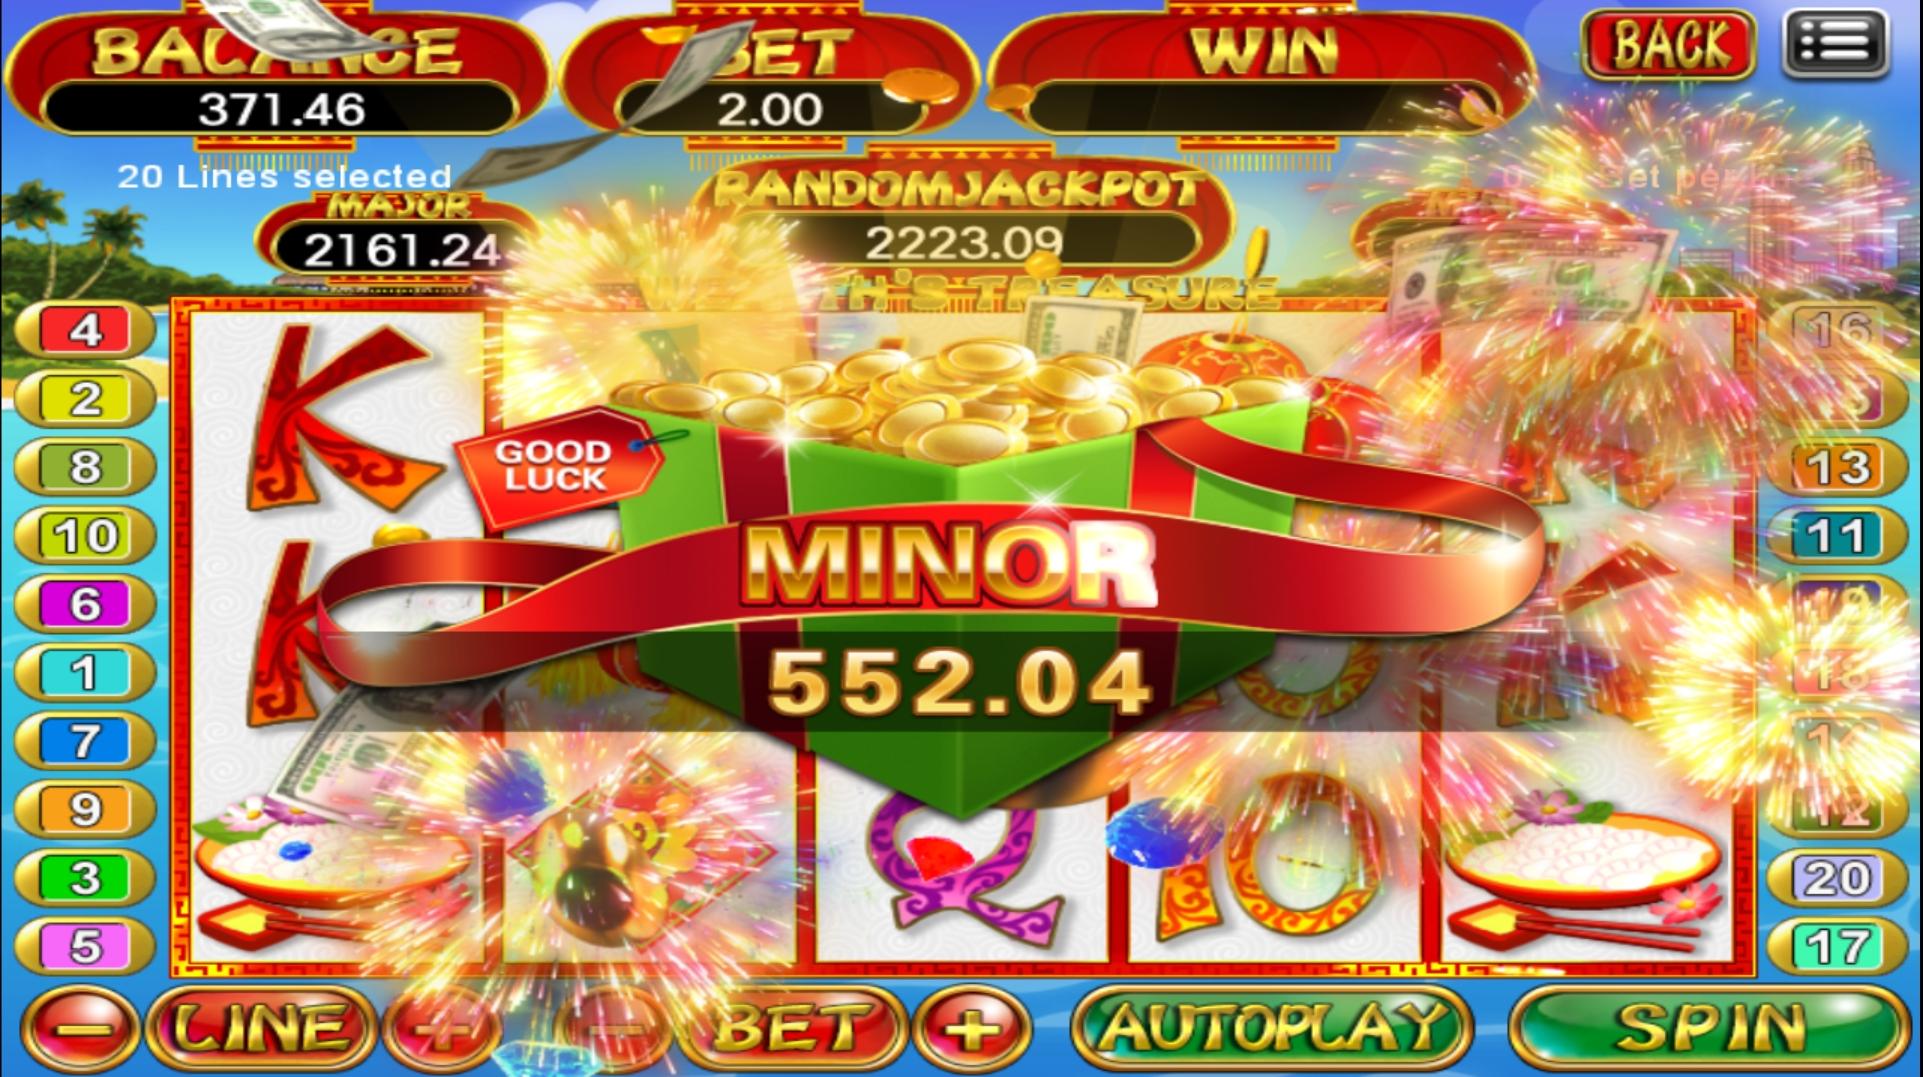 Tahniah Member Terkena Minor Jackpot dalam Scr2 , RM552.04 !!!